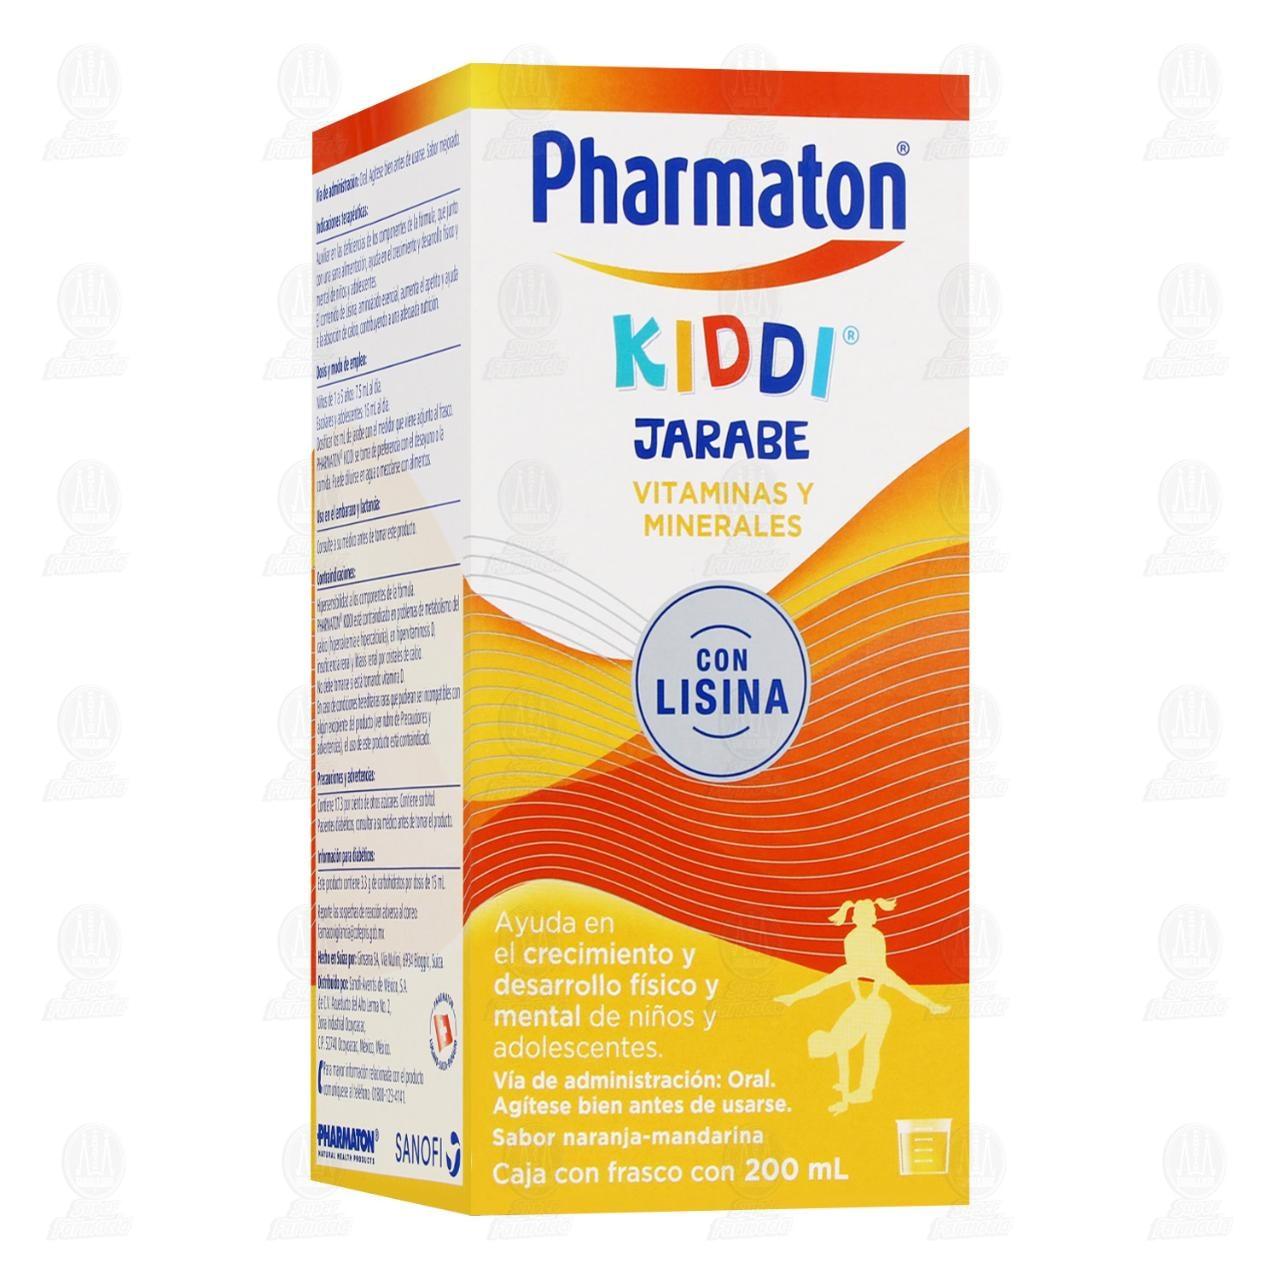 Comprar Pharmaton Kiddi Jarabe Multivitamínico Infantil 200ml en Farmacias Guadalajara